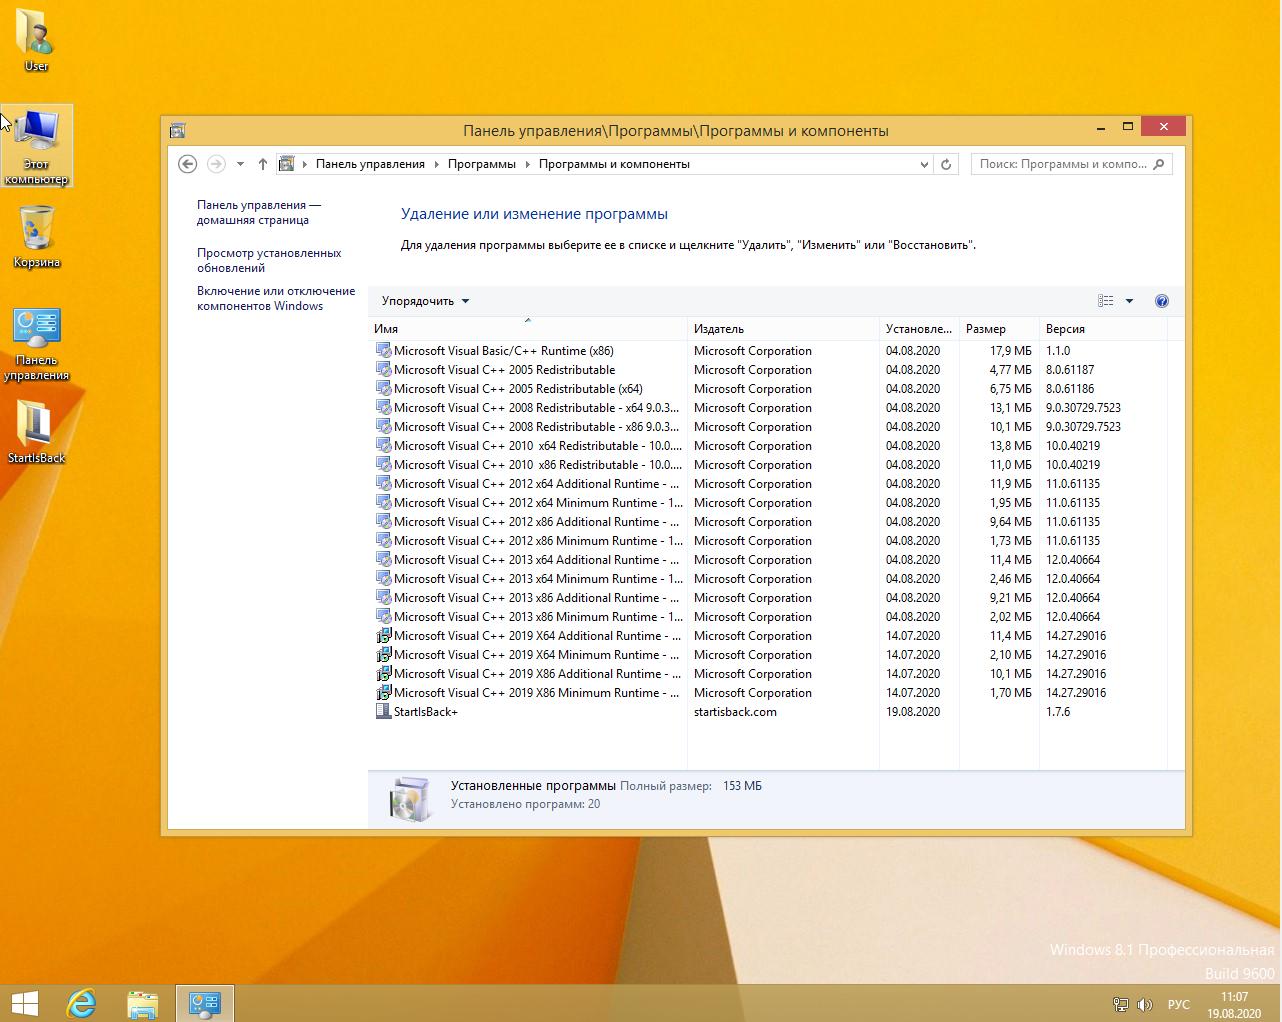 скачать виндовс 8.1 последней версия бесплатно